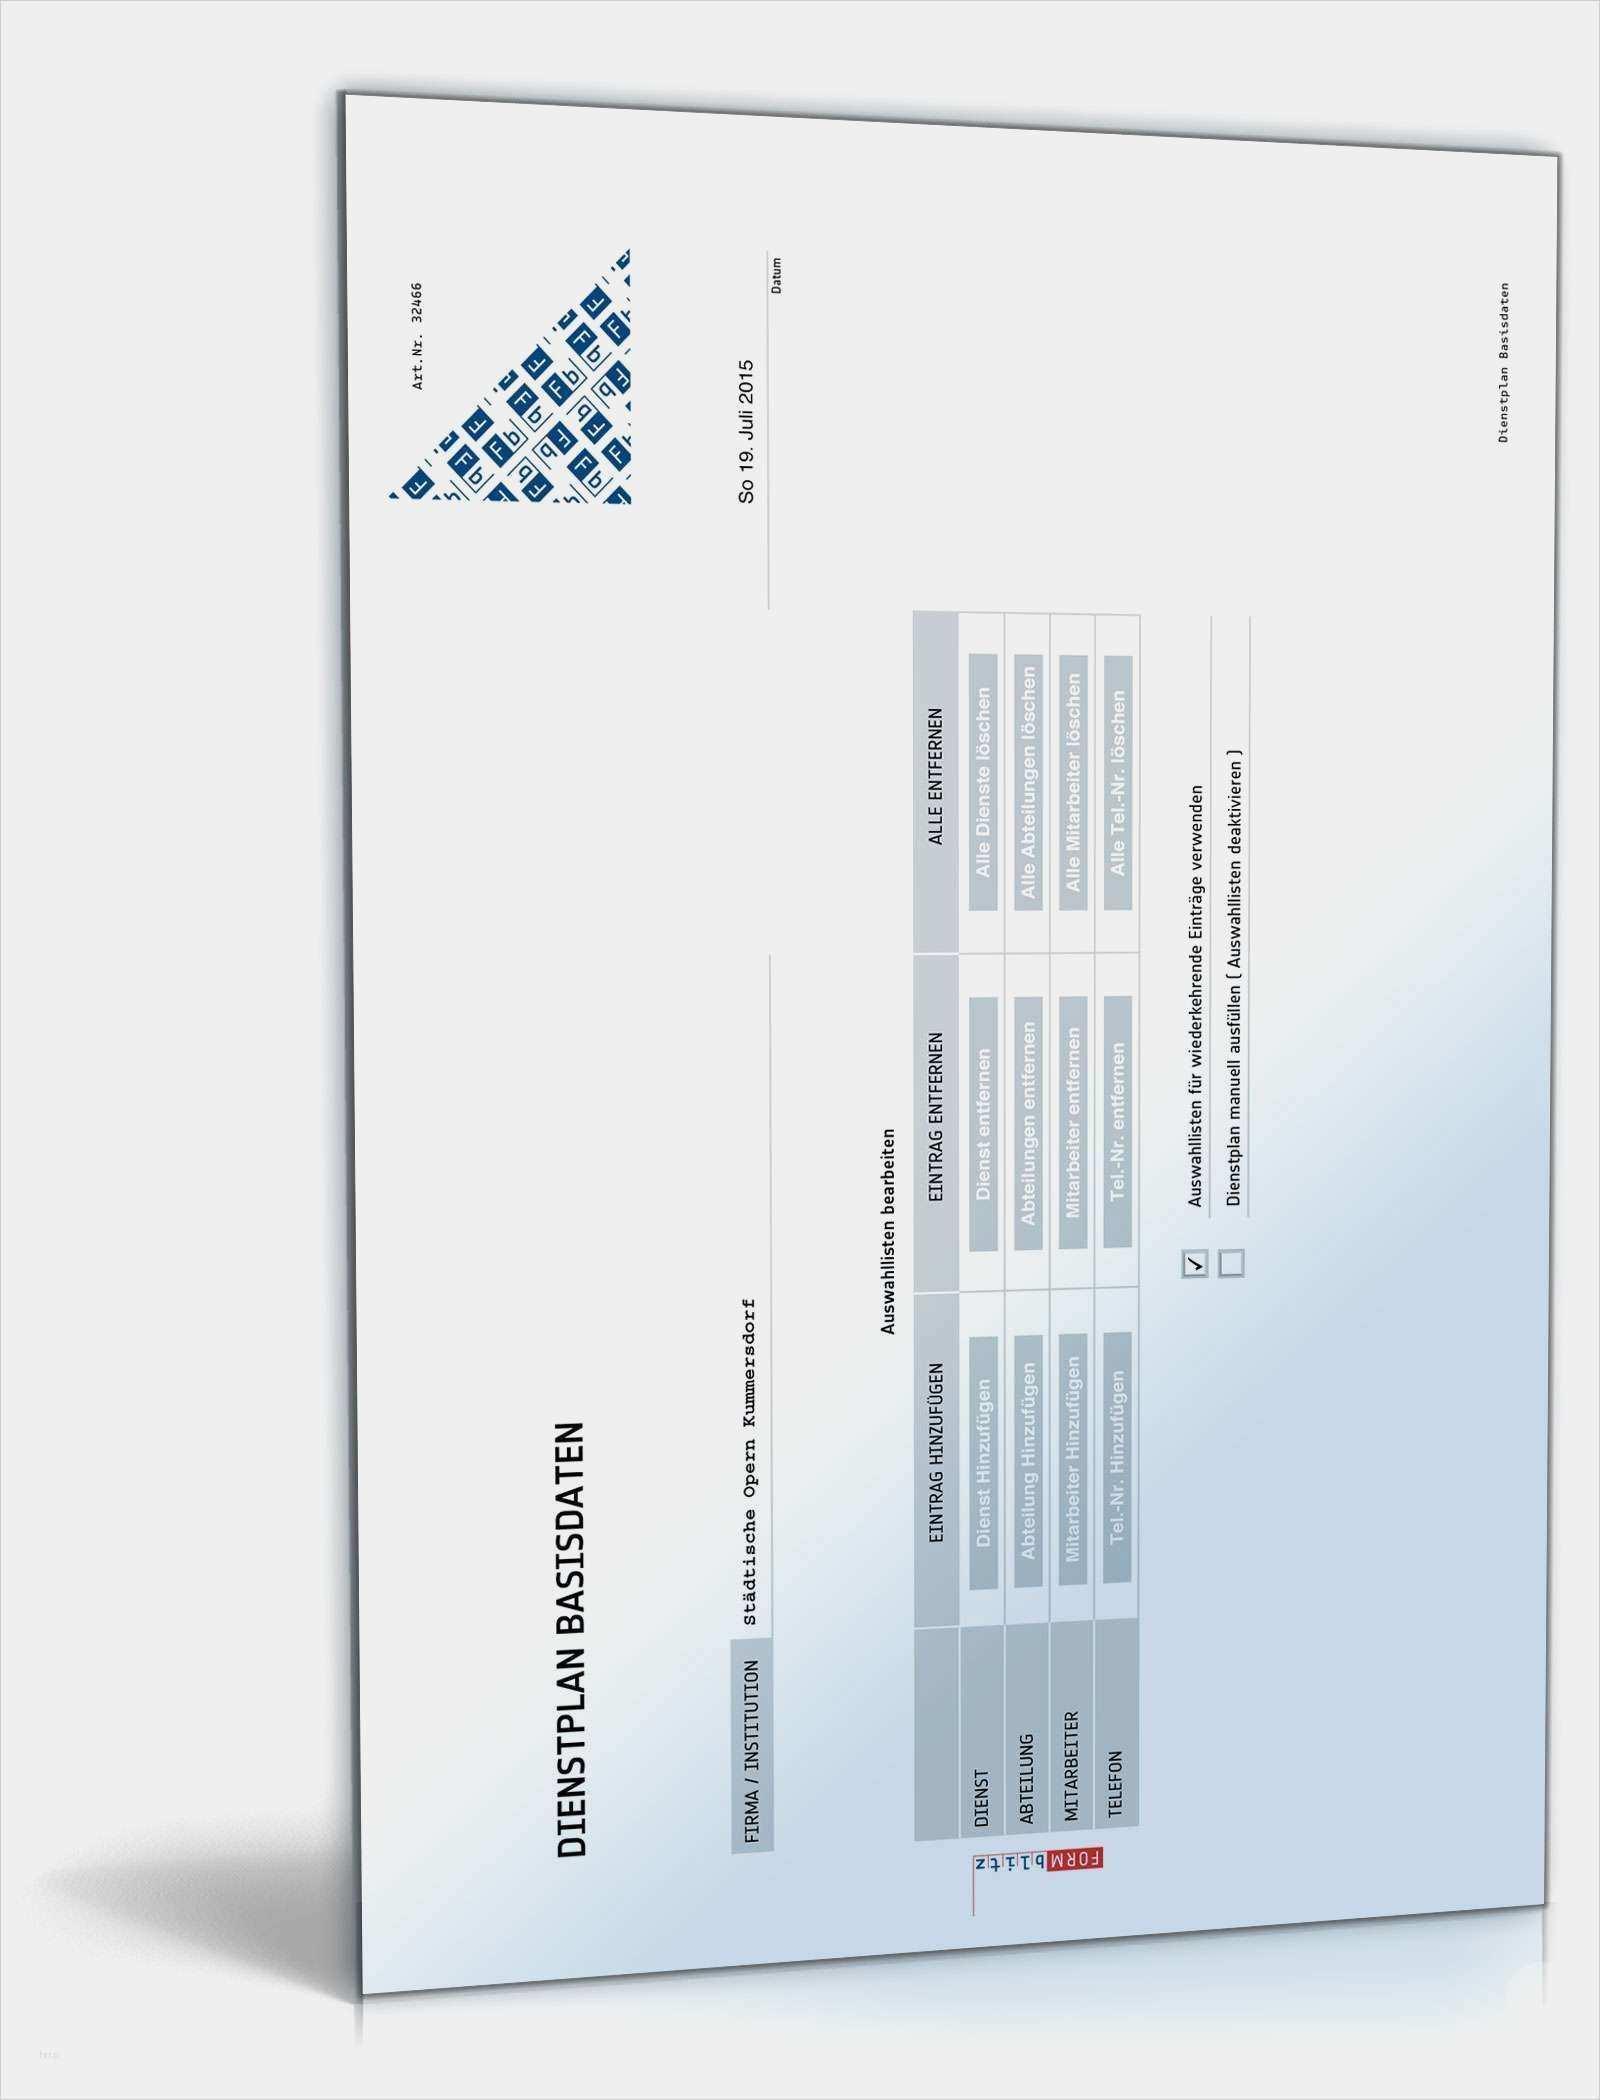 50 Erstaunlich Dienstplan Vorlage Pdf Galerie In 2020 Vorlagen Rechnungsvorlage Planer